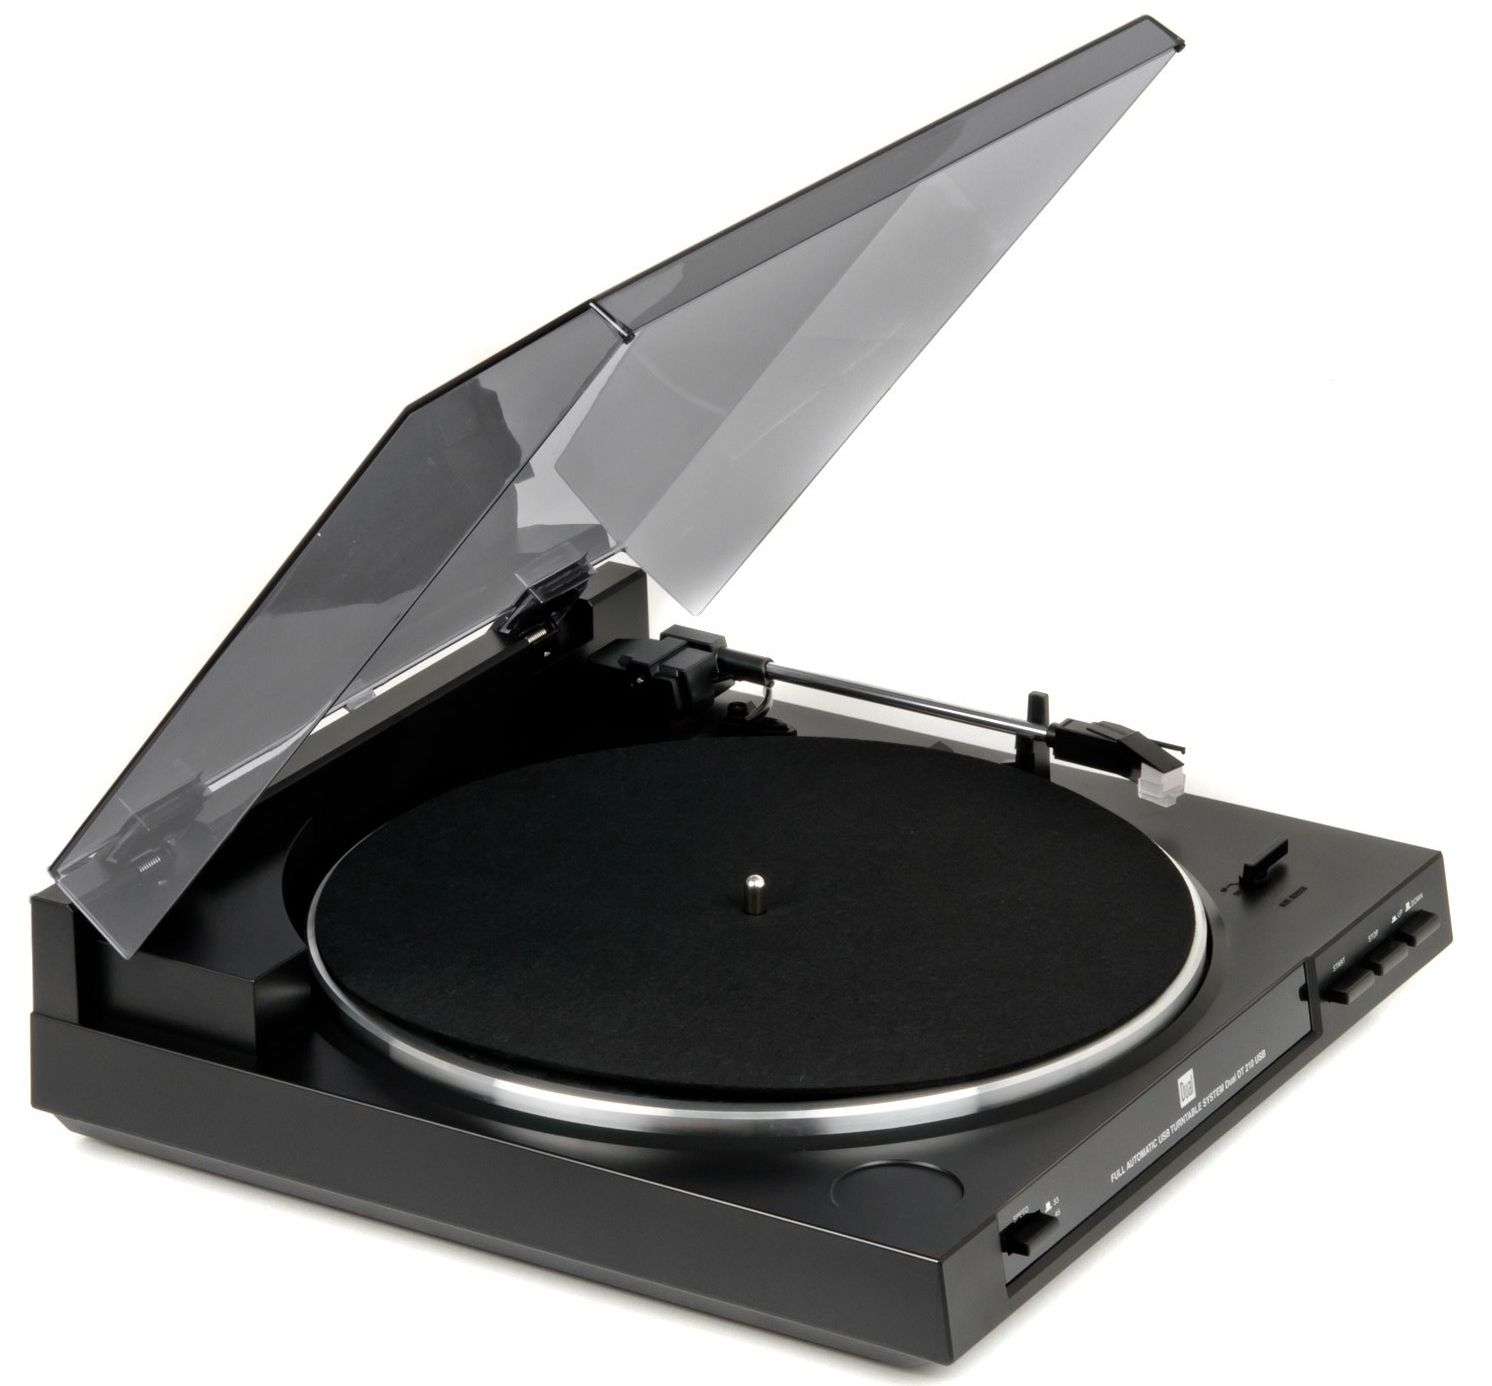 DUAL Dual DT 210 Plattenspieler